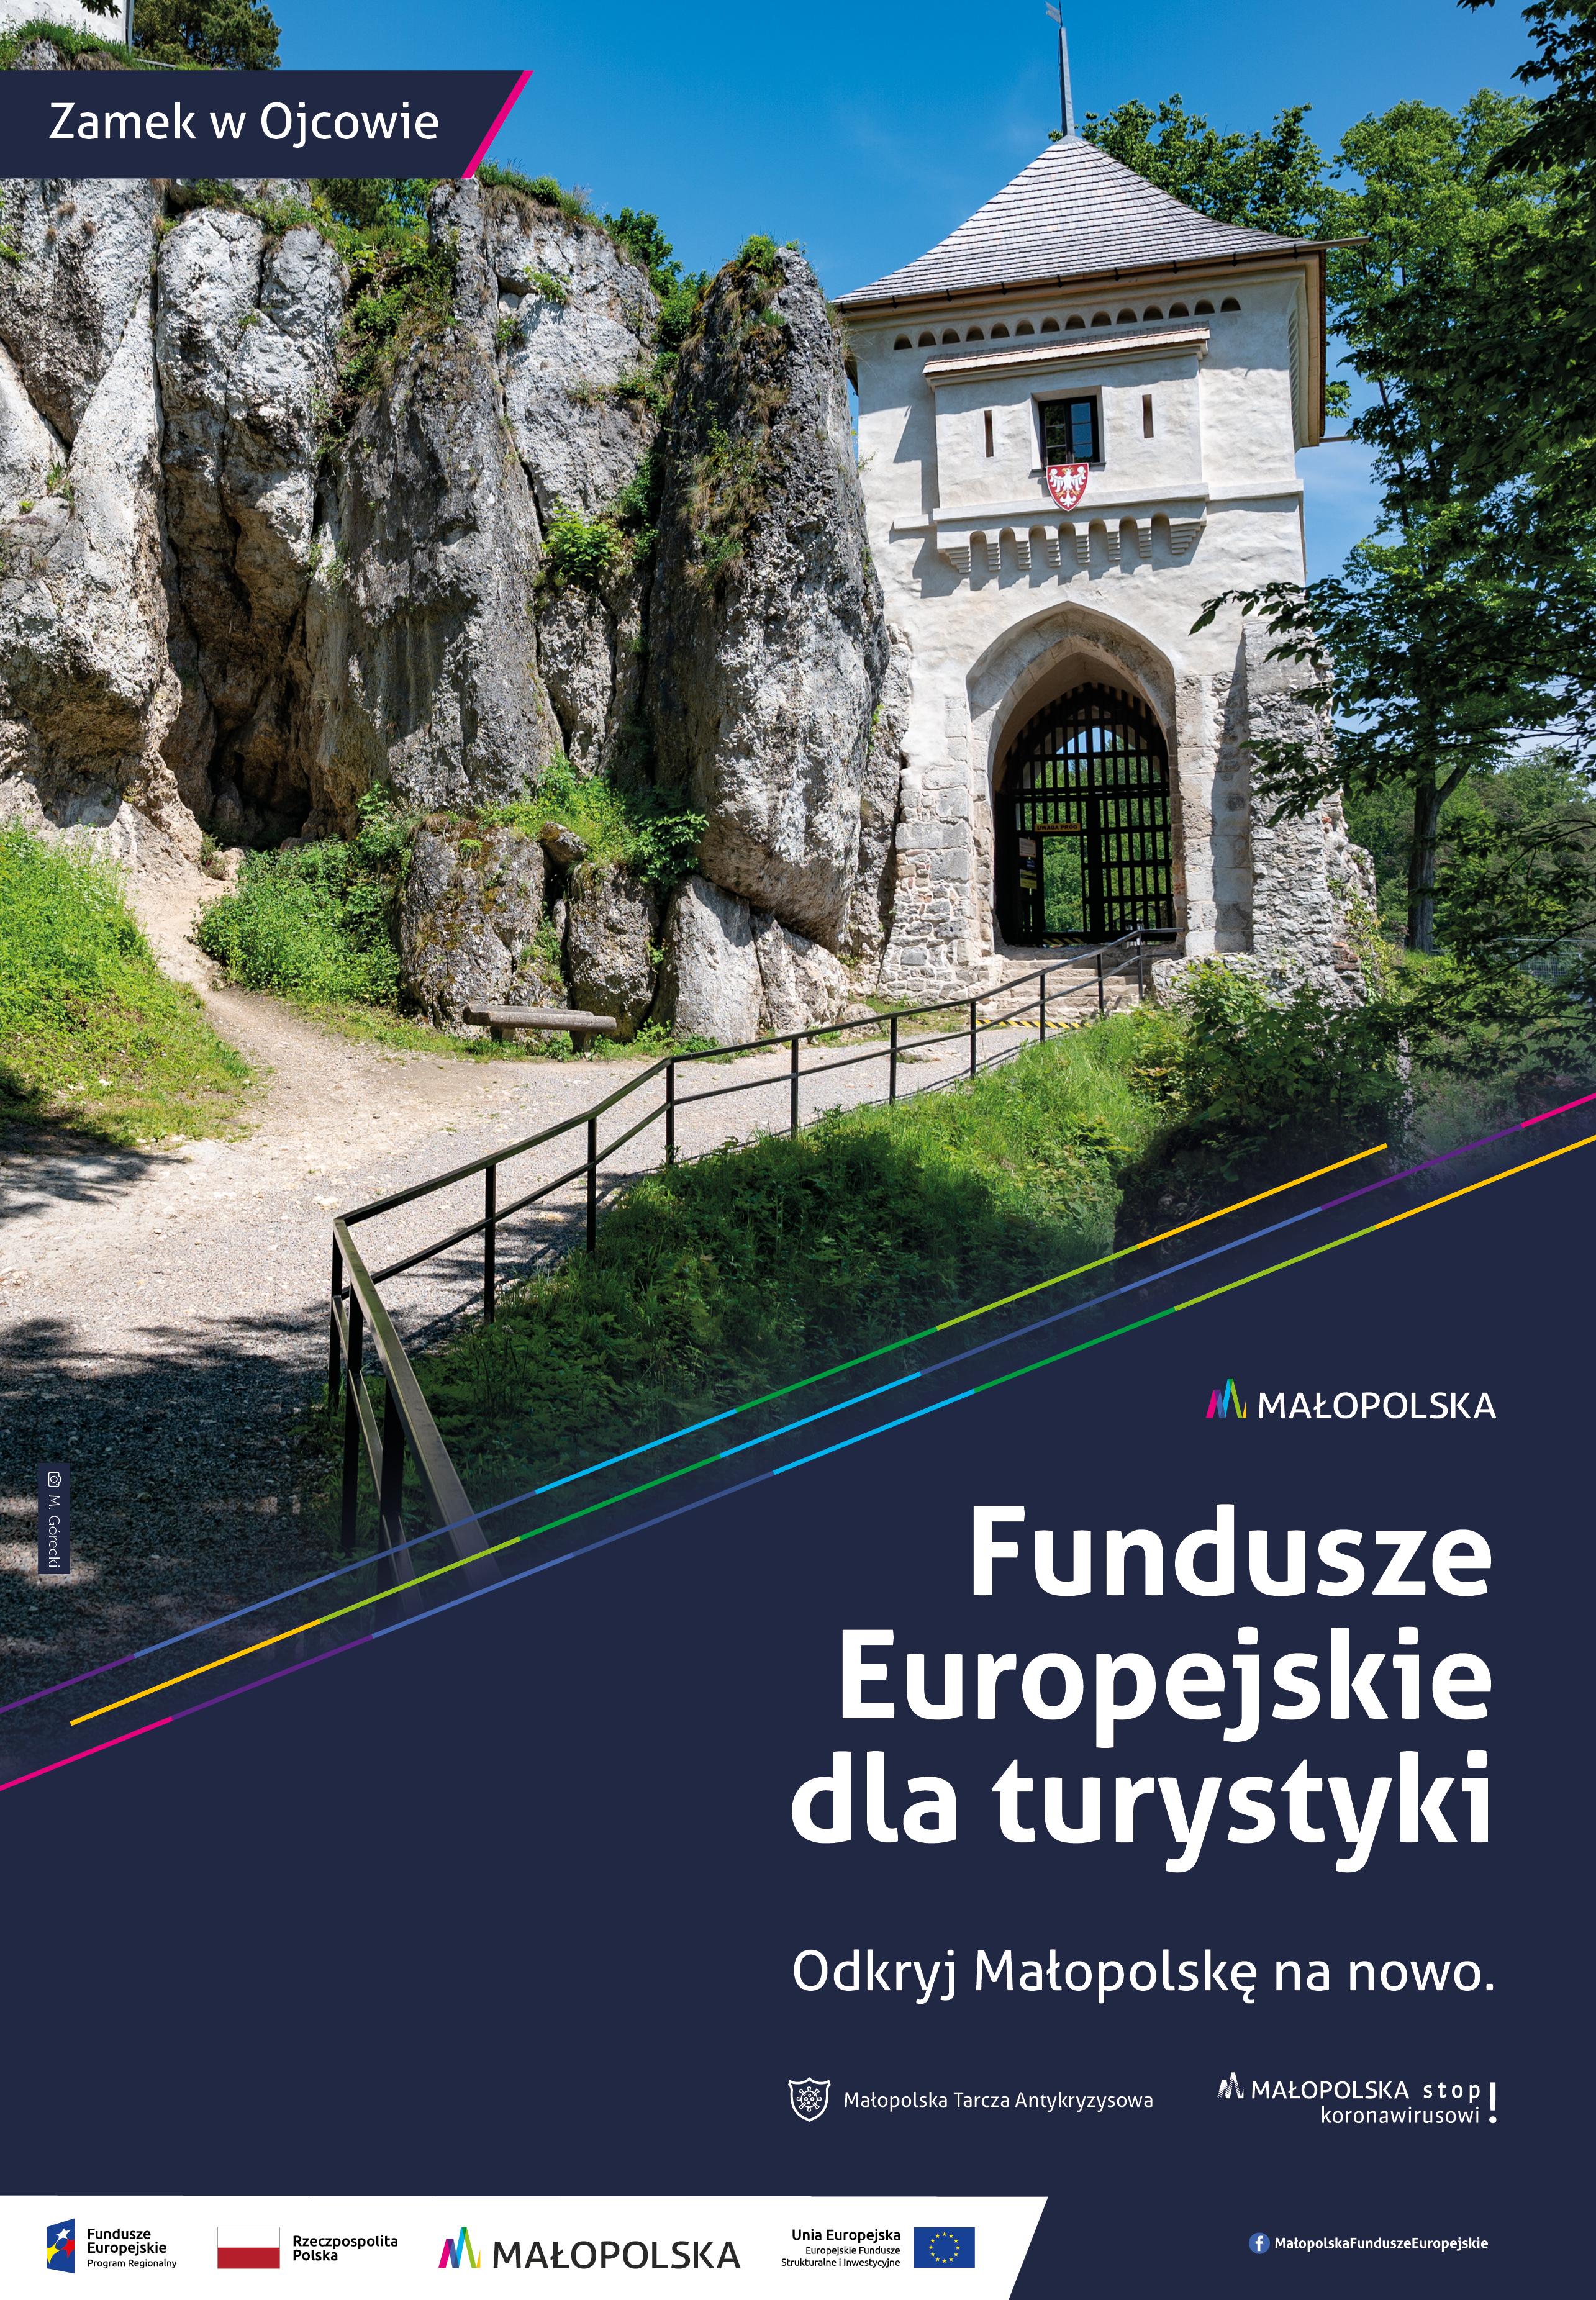 Fundusze europejskie dla turystyki - zamek w Ojcowie